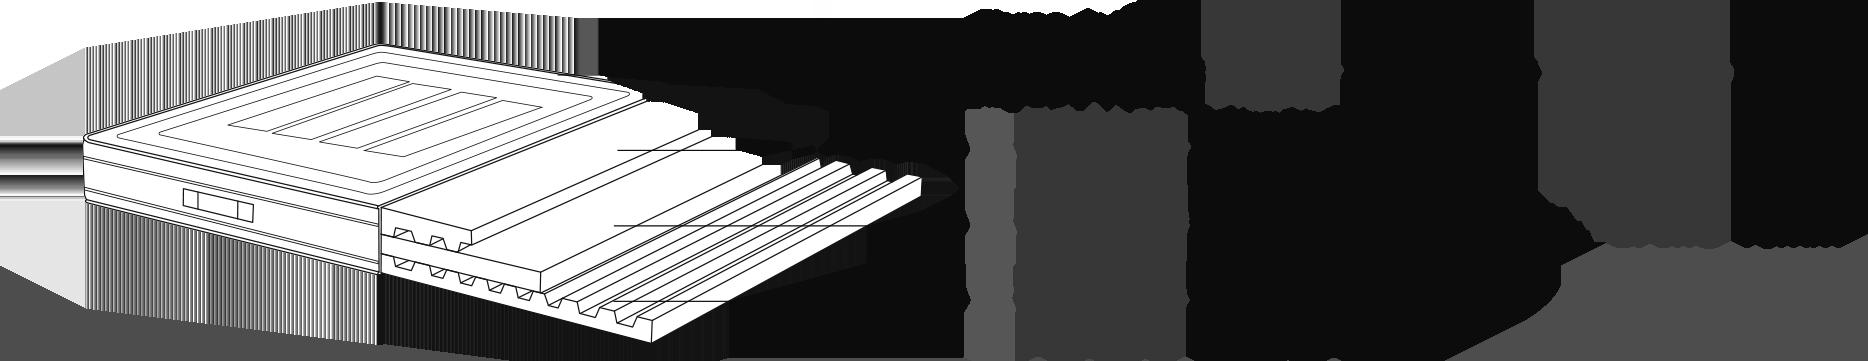 Composition du matelas : mousse BFOAM 35 kg / m3 (6 cm d'épaisseur), BFOAM 50 / kg / m3 (7 cm d'épaisseur) et BFOAM 35 kg / m3 (4 cm d'épaisseur)